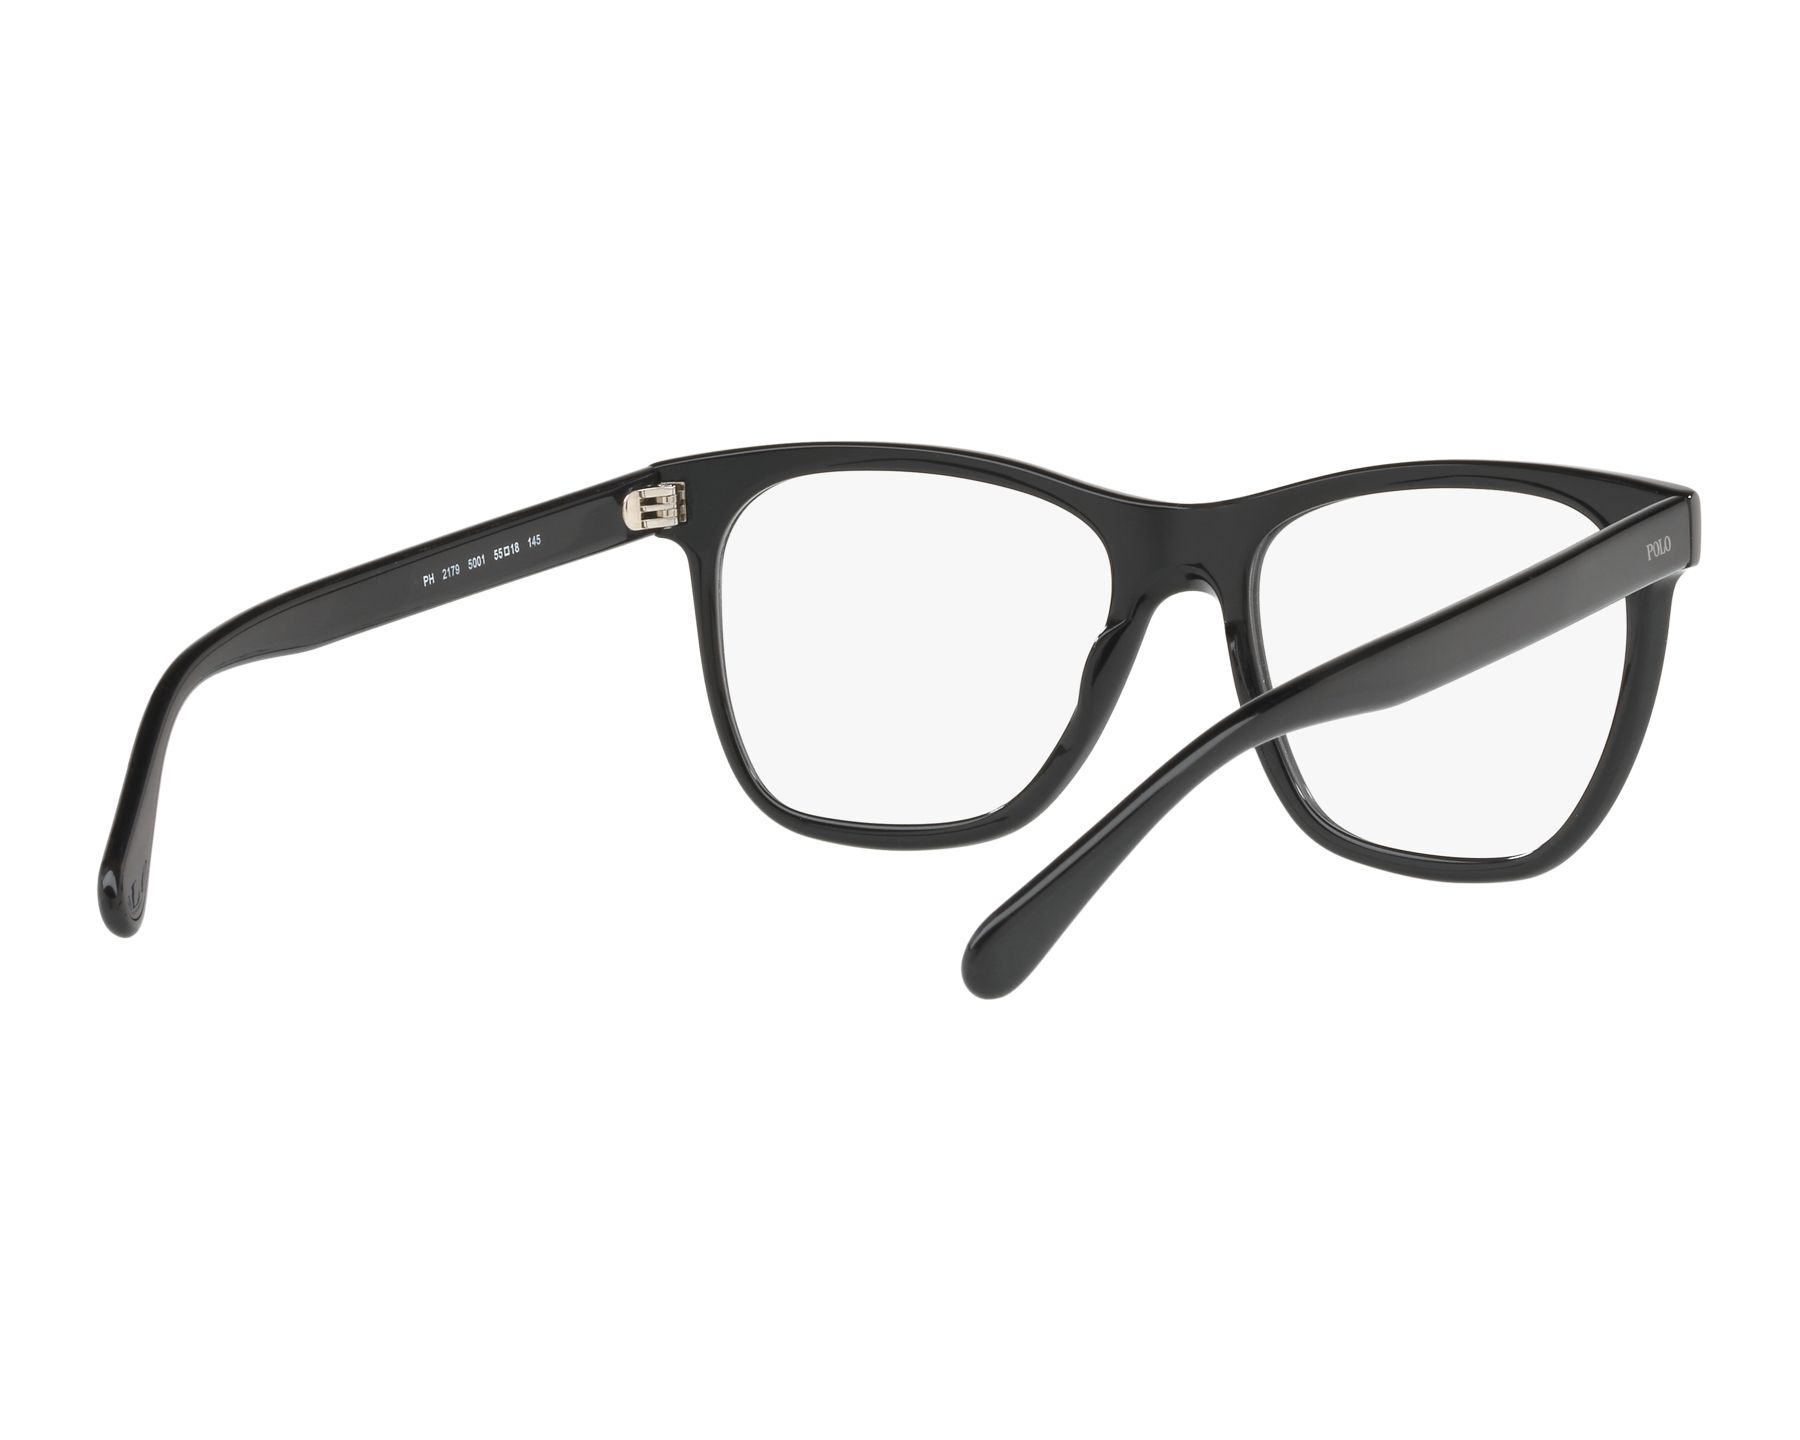 Polo Herren Brille » PH2179«, schwarz, 5001 - schwarz